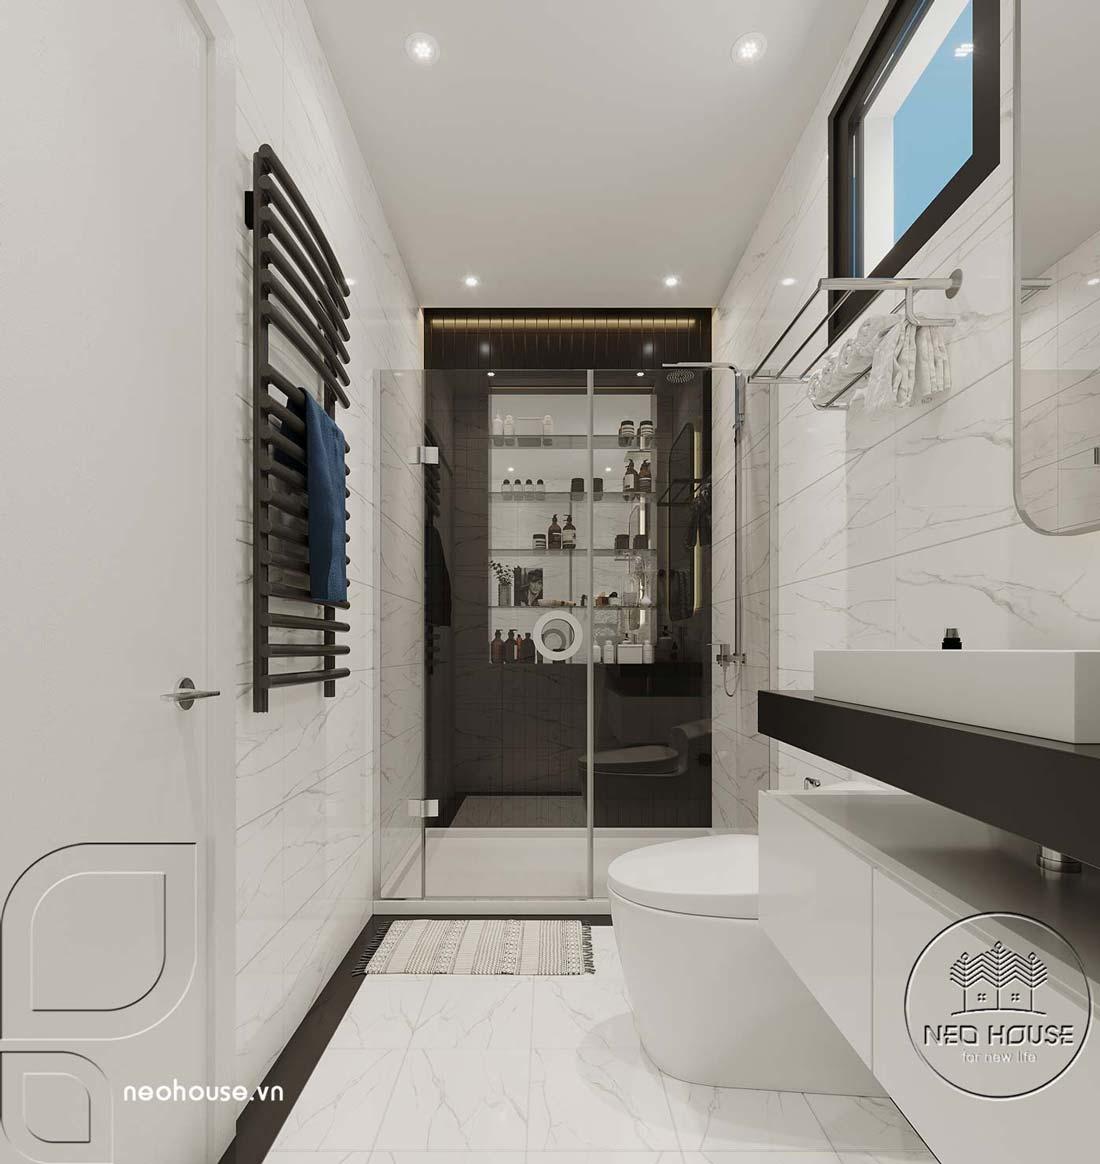 Phối cảnh thiết kế nội thất biệt thự tân cổ điển đẹp 4 tầng cho phòng tắm và nhà vệ sinh. Ảnh 1